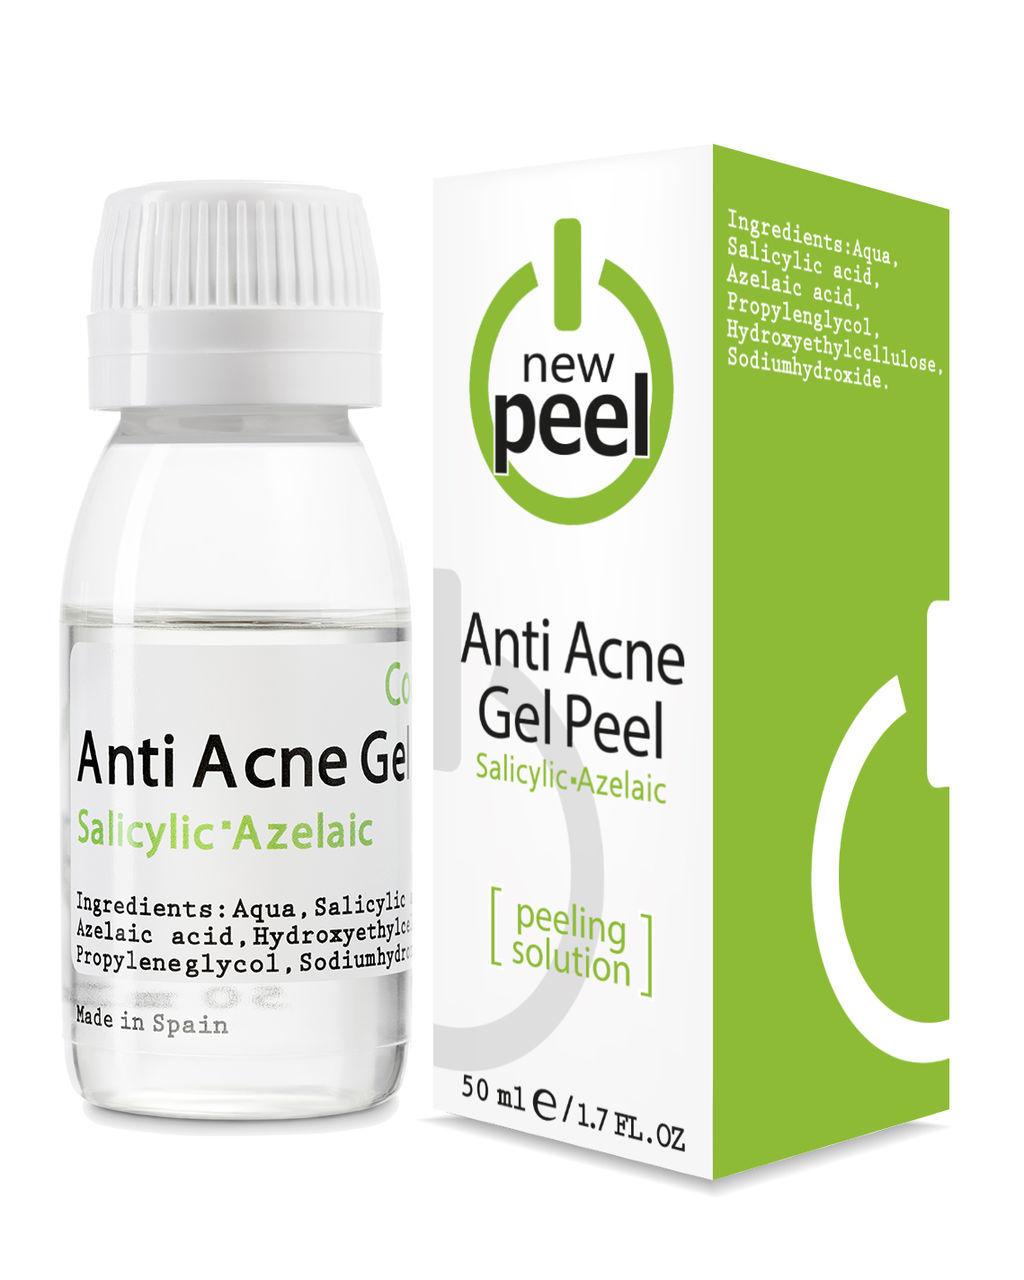 Анти-акне пилинг / NEW PEEL Anti-Acne Peel, 50 ml